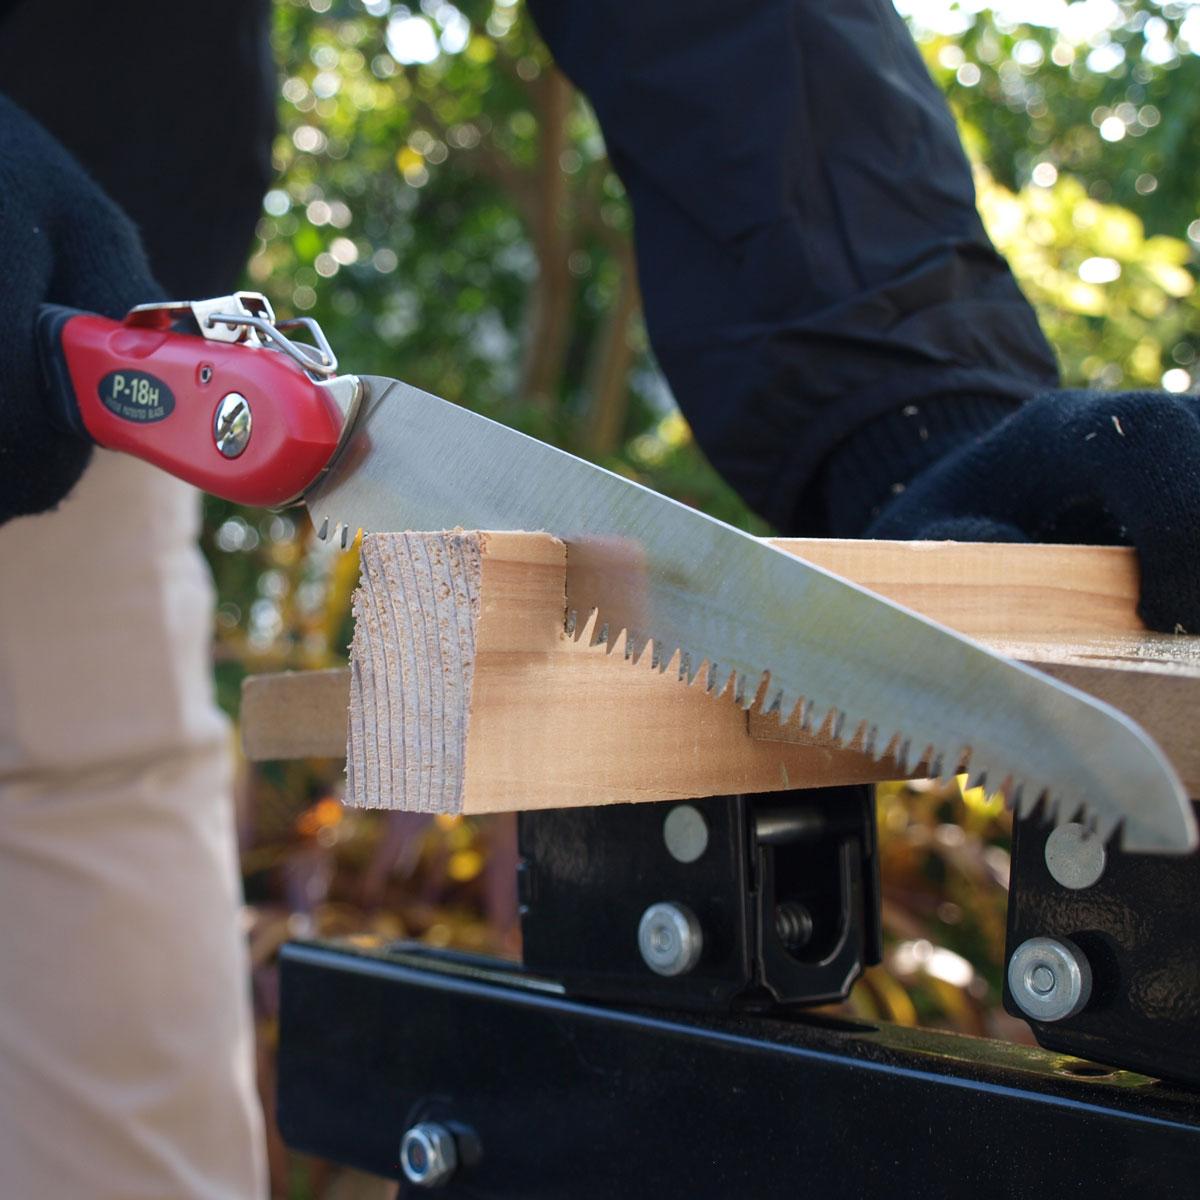 工作用途に加え、生木も切れる。工作園芸鋸ハードタイプP-18H